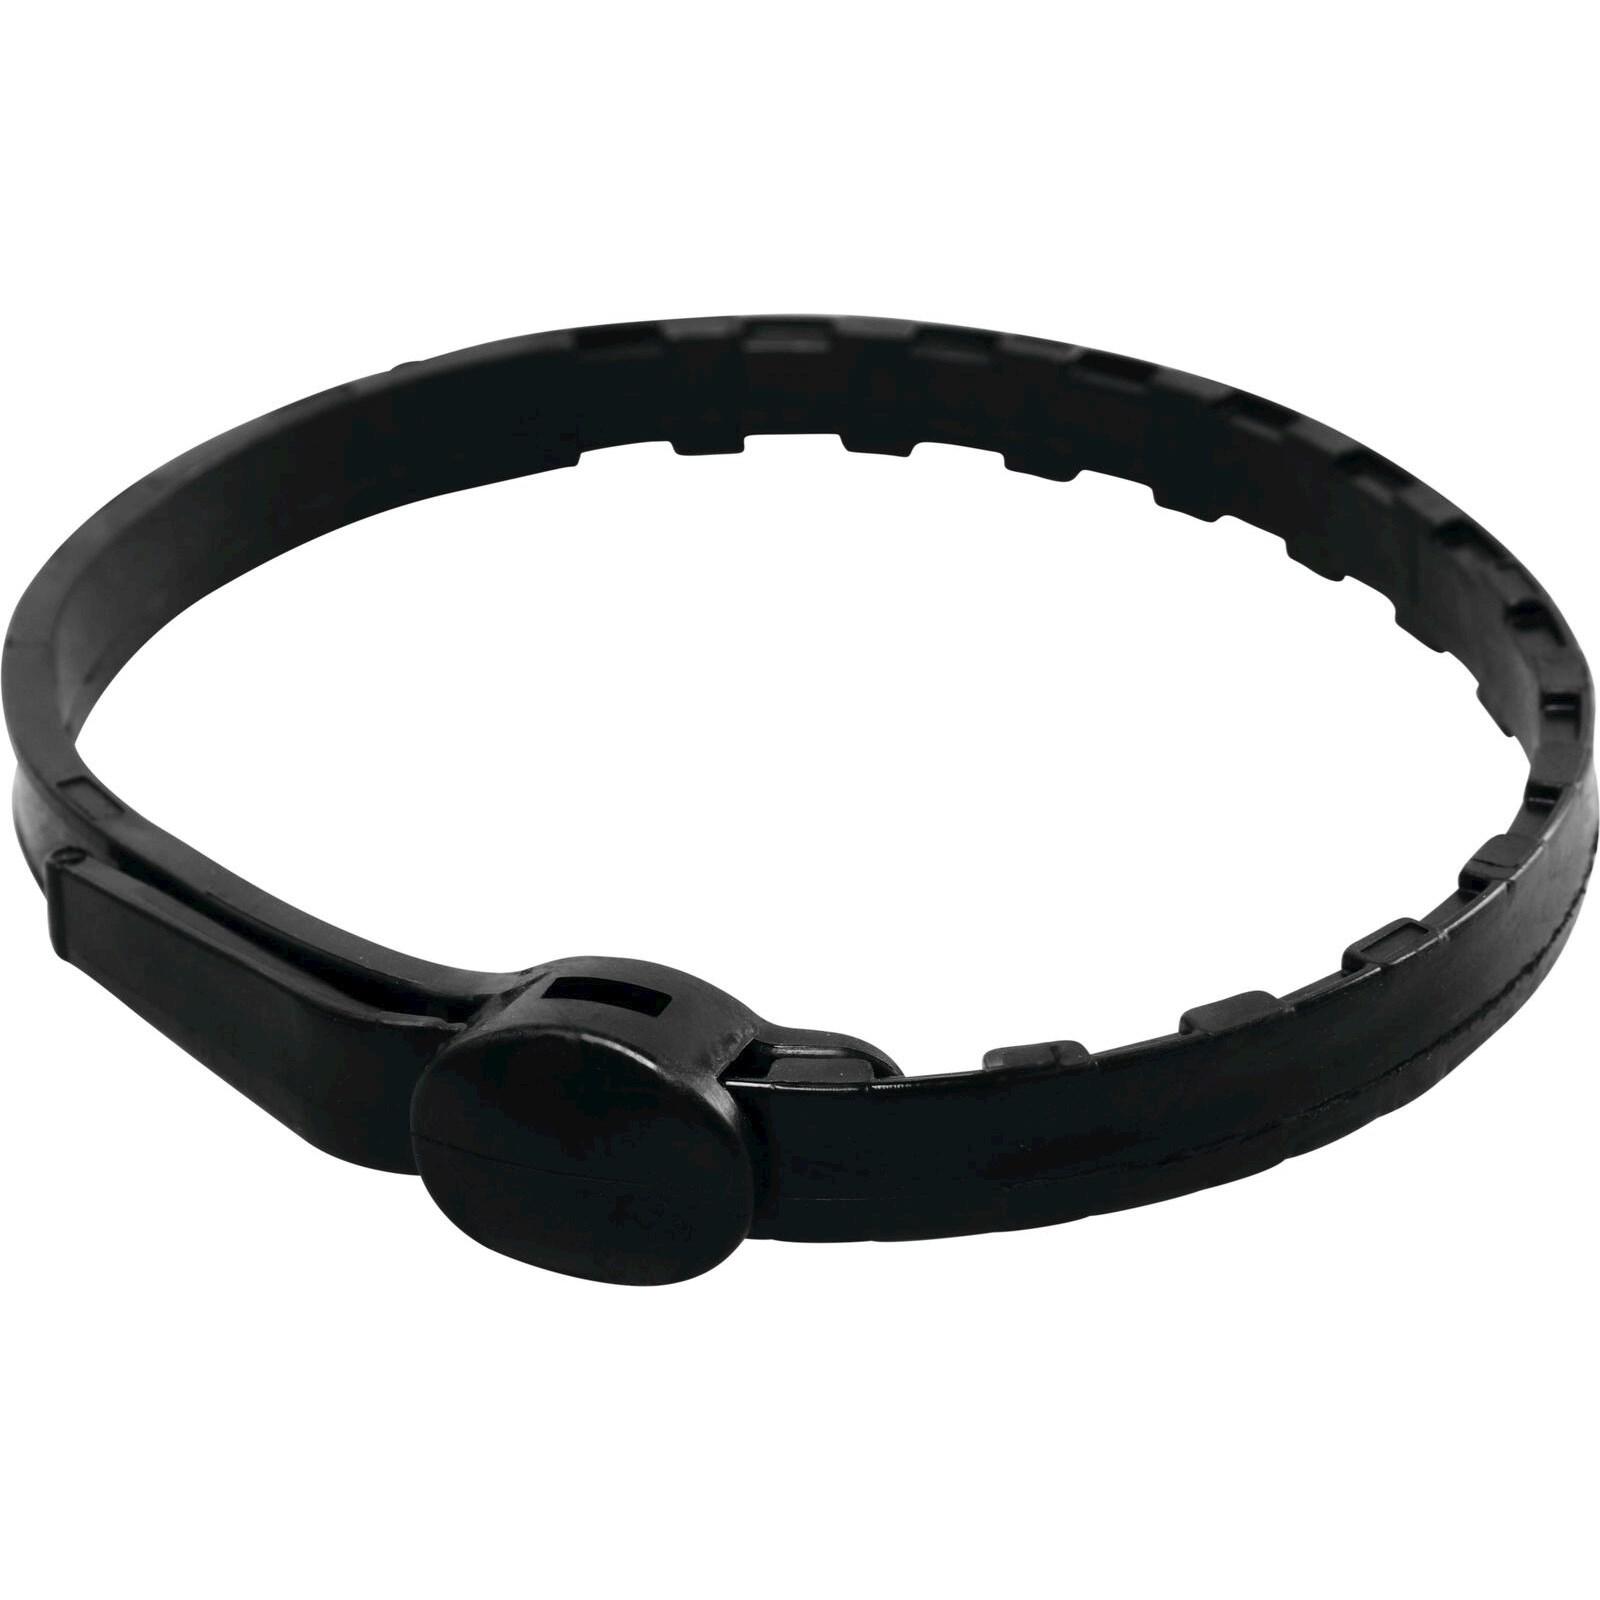 Katzen kaufen allergiker anti Katzen für